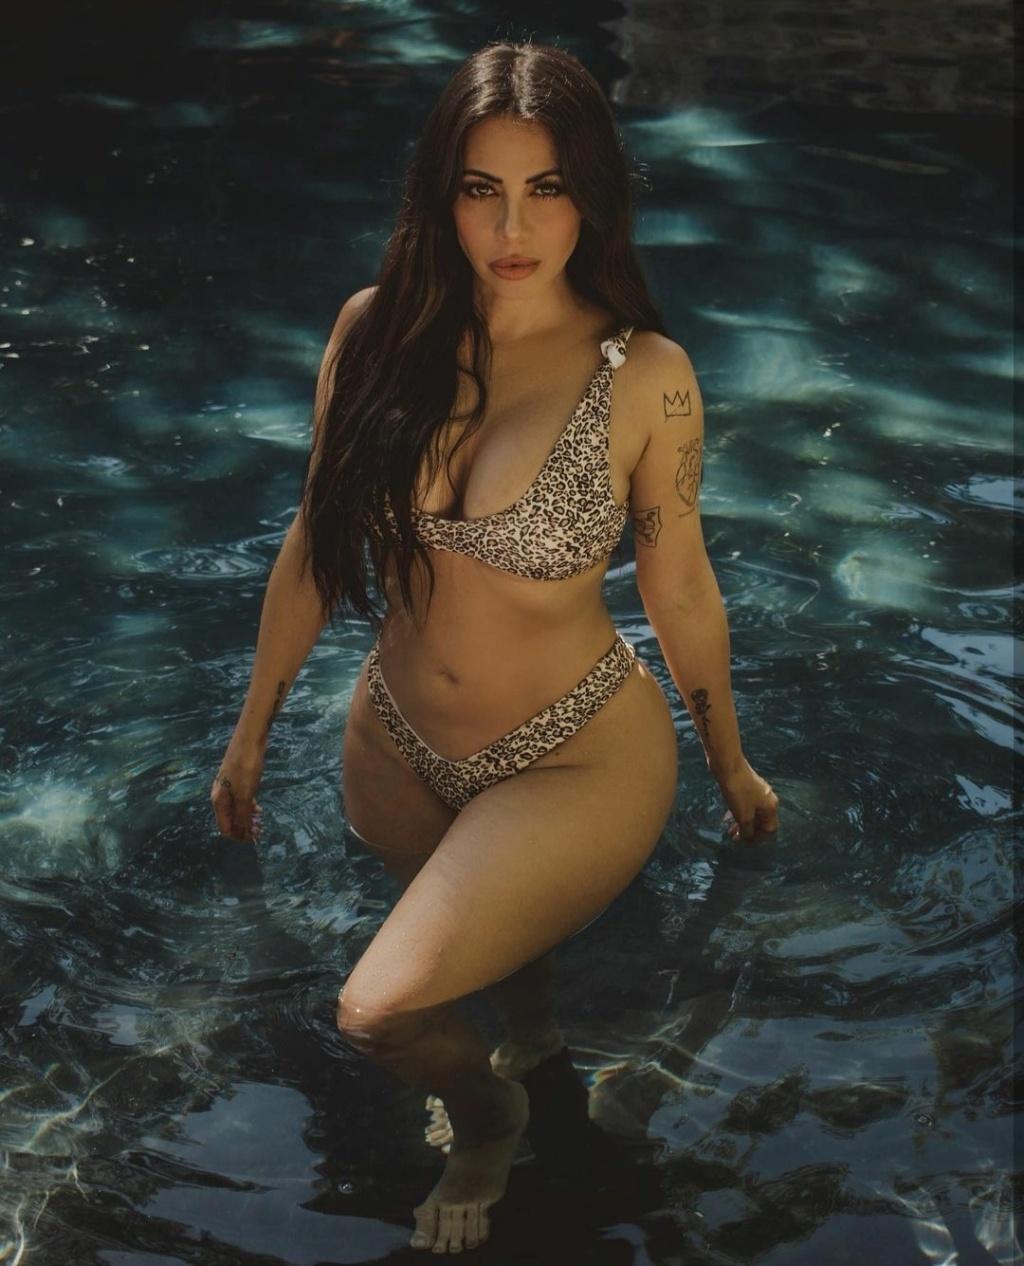 DEBATE sobre belleza, guapura y hermosura (fotos de chicas latinas, mestizas, y de todo) - VOL II - Página 12 Img_1613